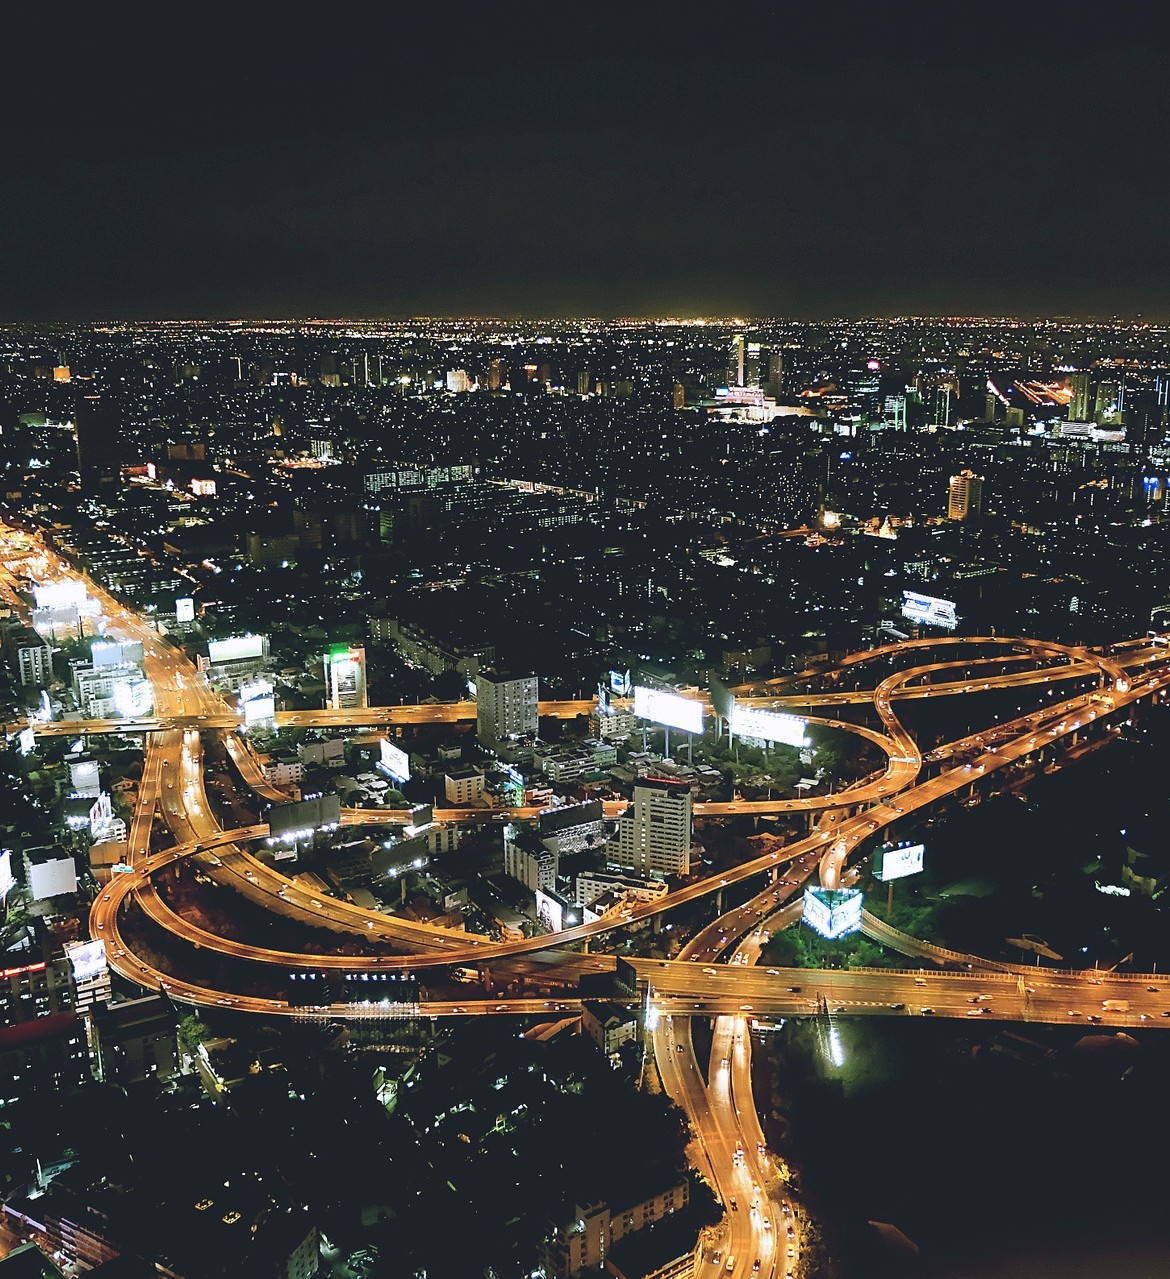 night-city-1149700_1920-1170×1279